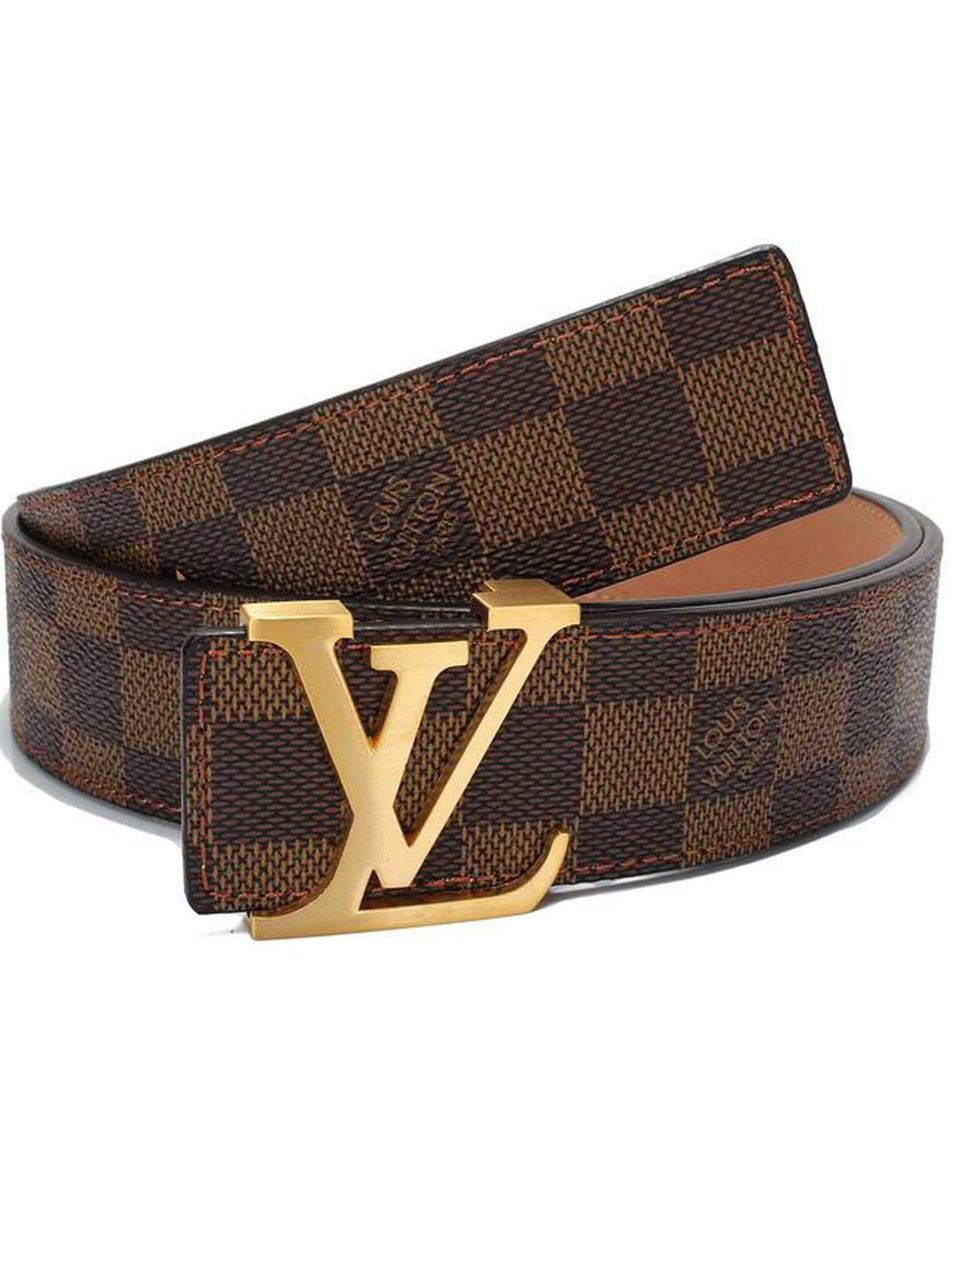 Lv Louis Vuitton Belt Sema Data Co Op